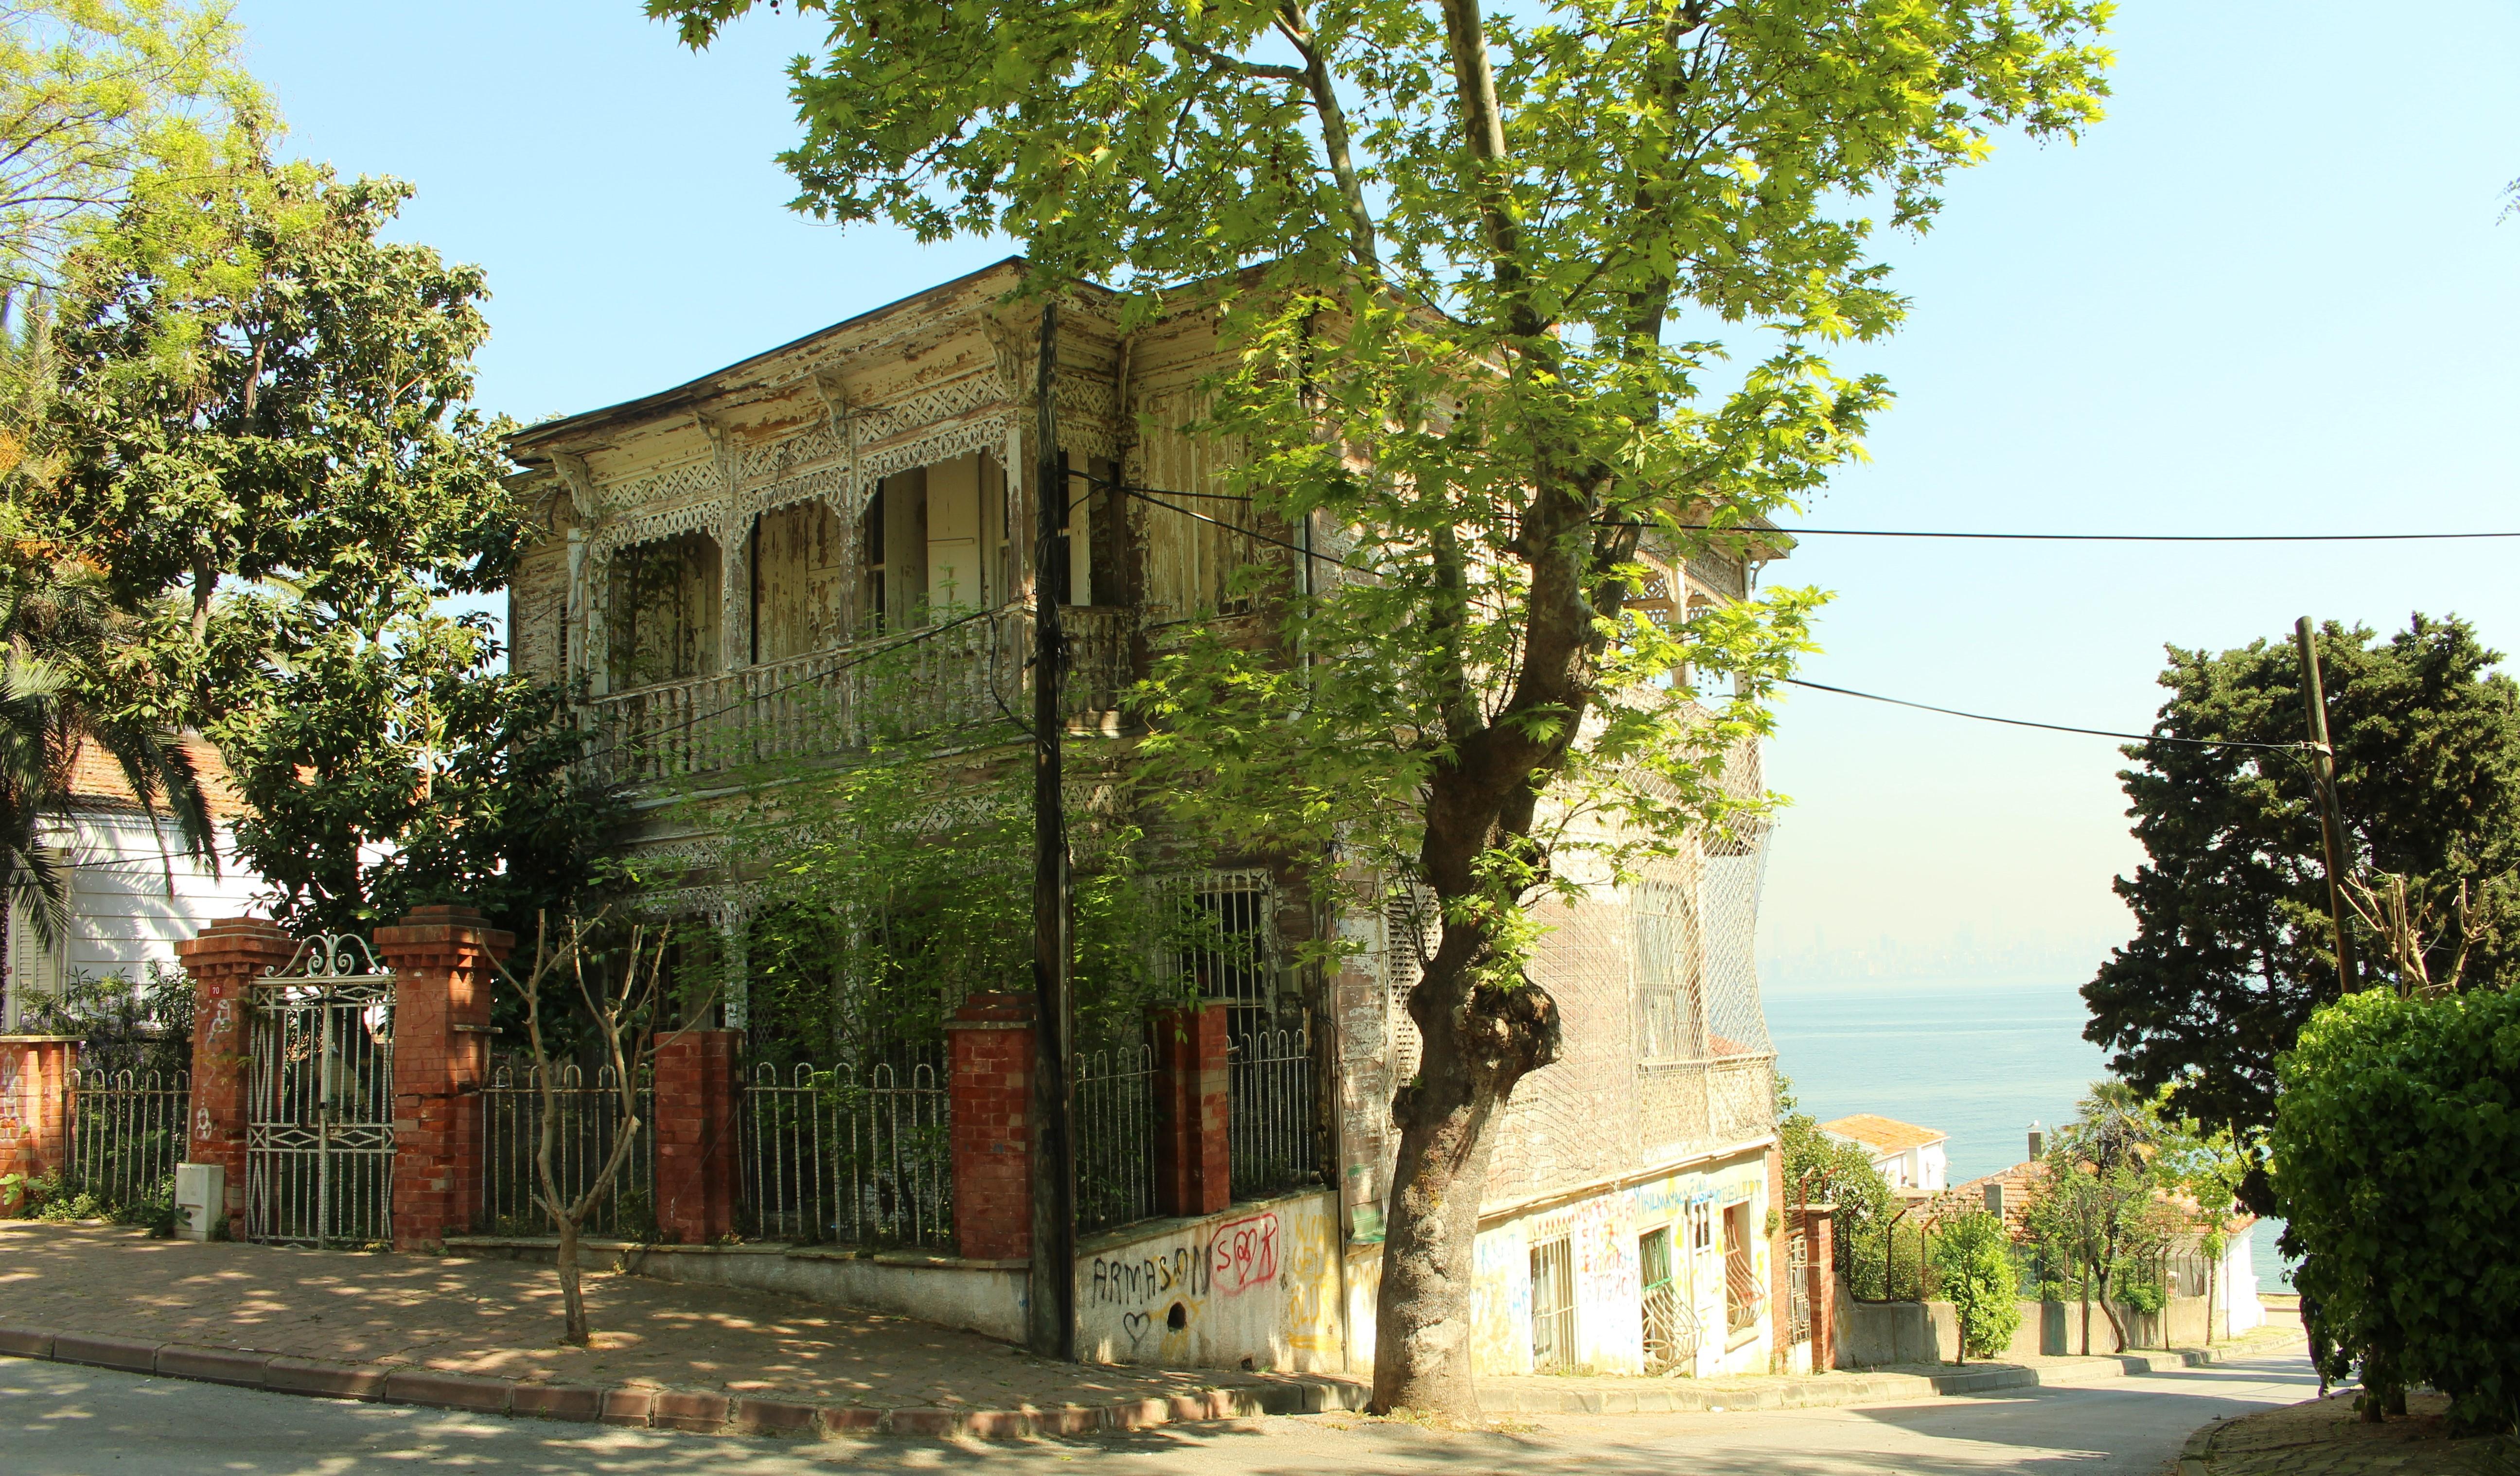 Kınalıada evleri, ada evleri, tarihi evler, Kınalıada